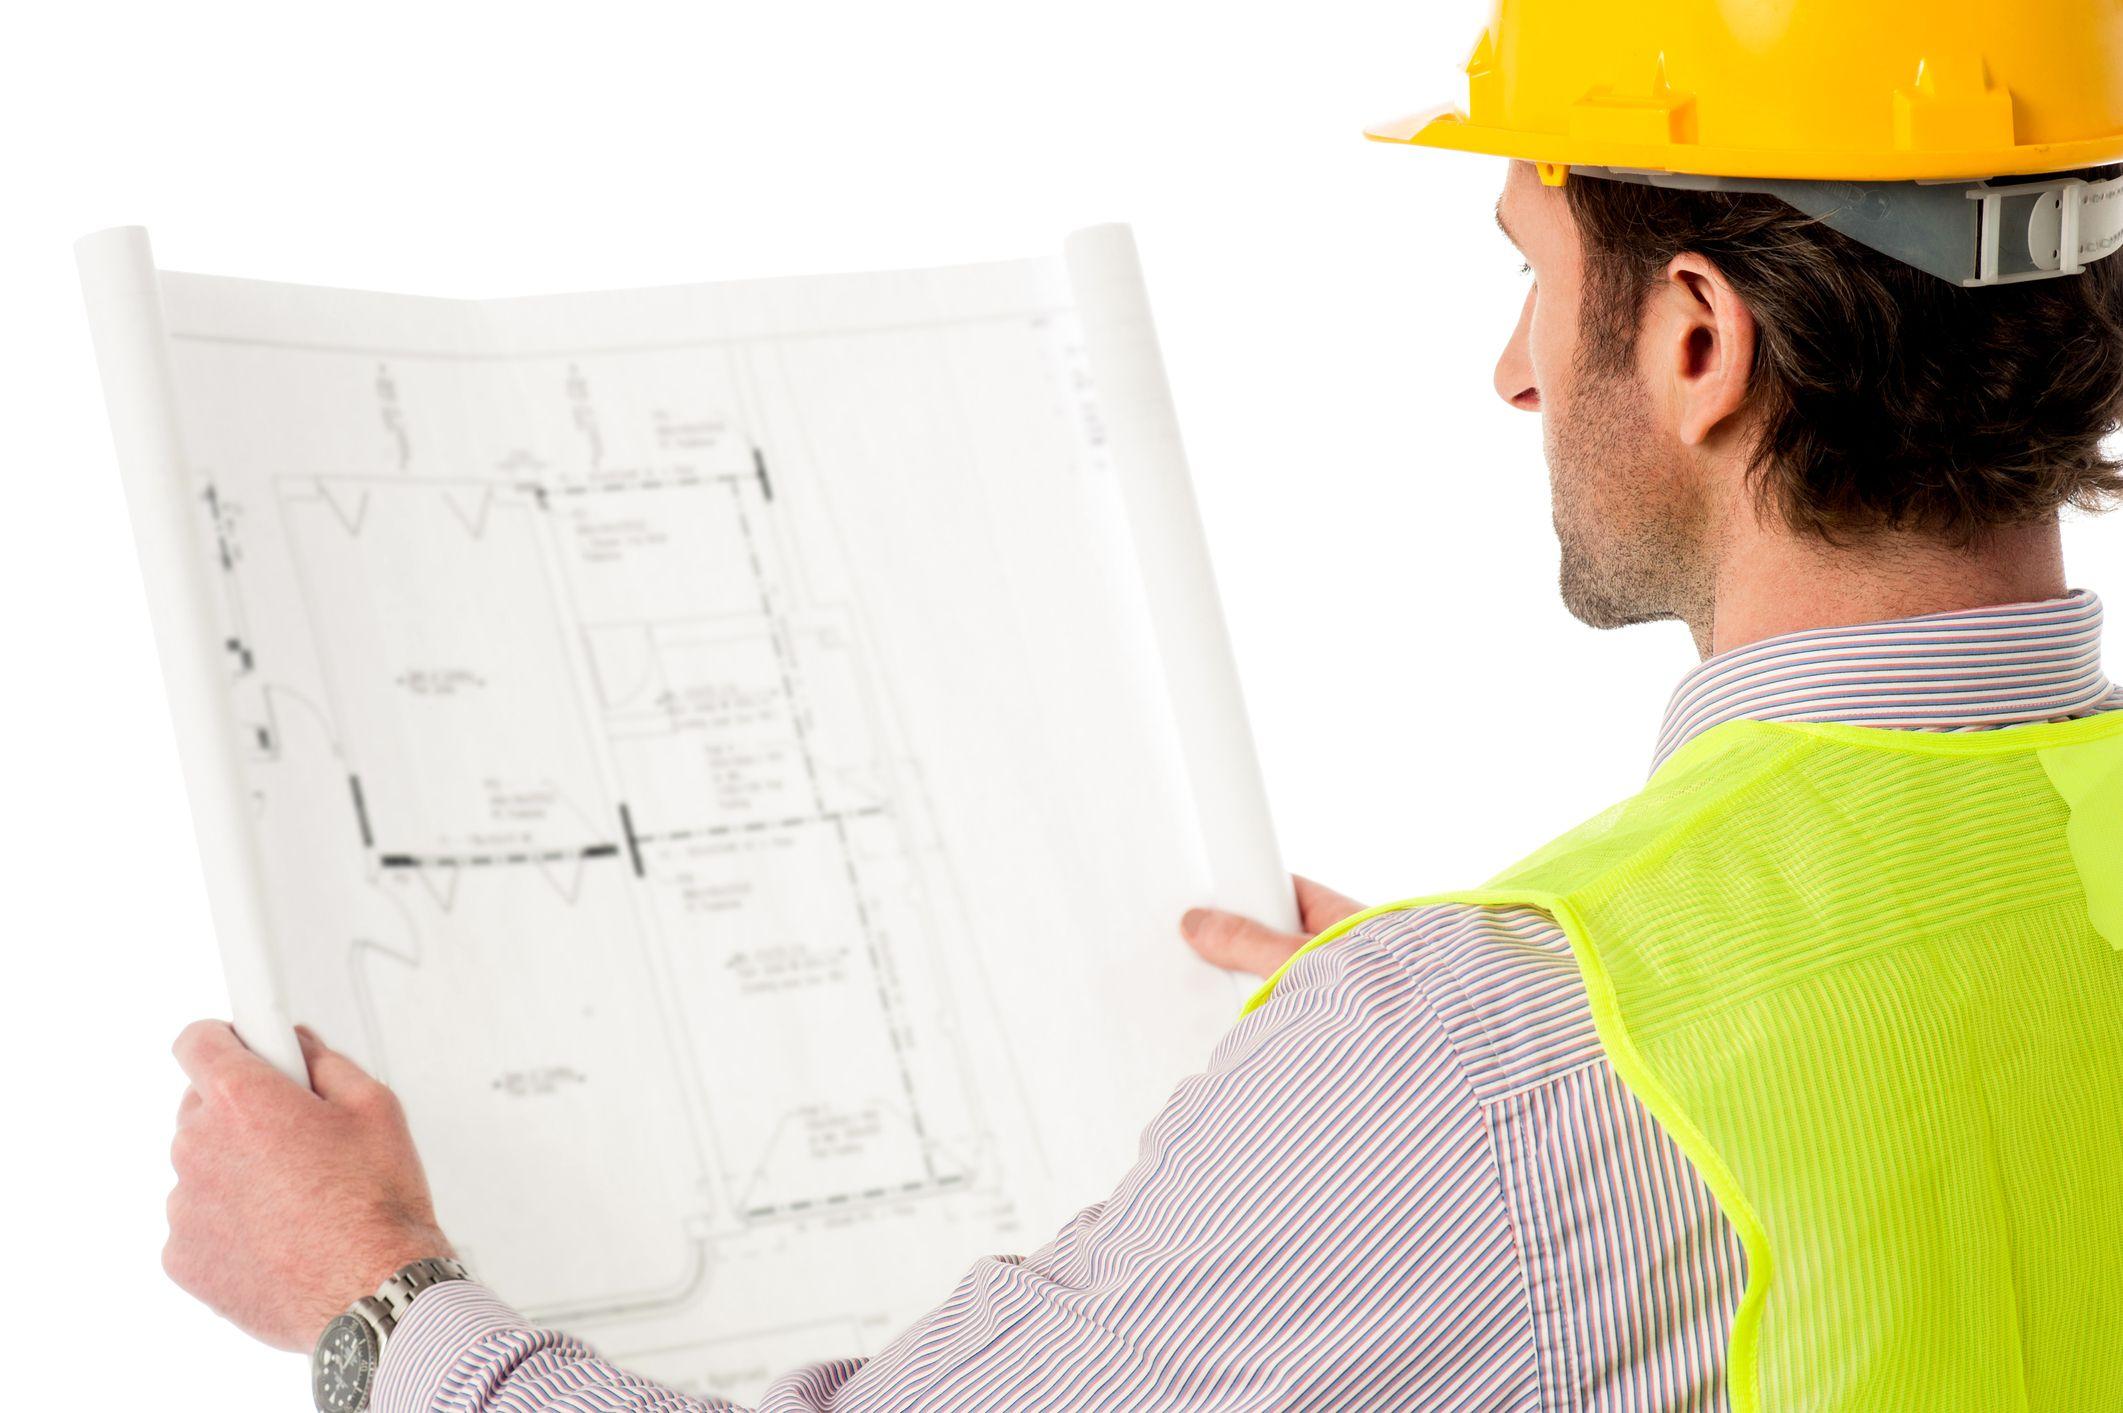 Branża budowlana a optymalizacja podatku VAT – jakie korzyści może uzyskać przedsiębiorca budowlany?